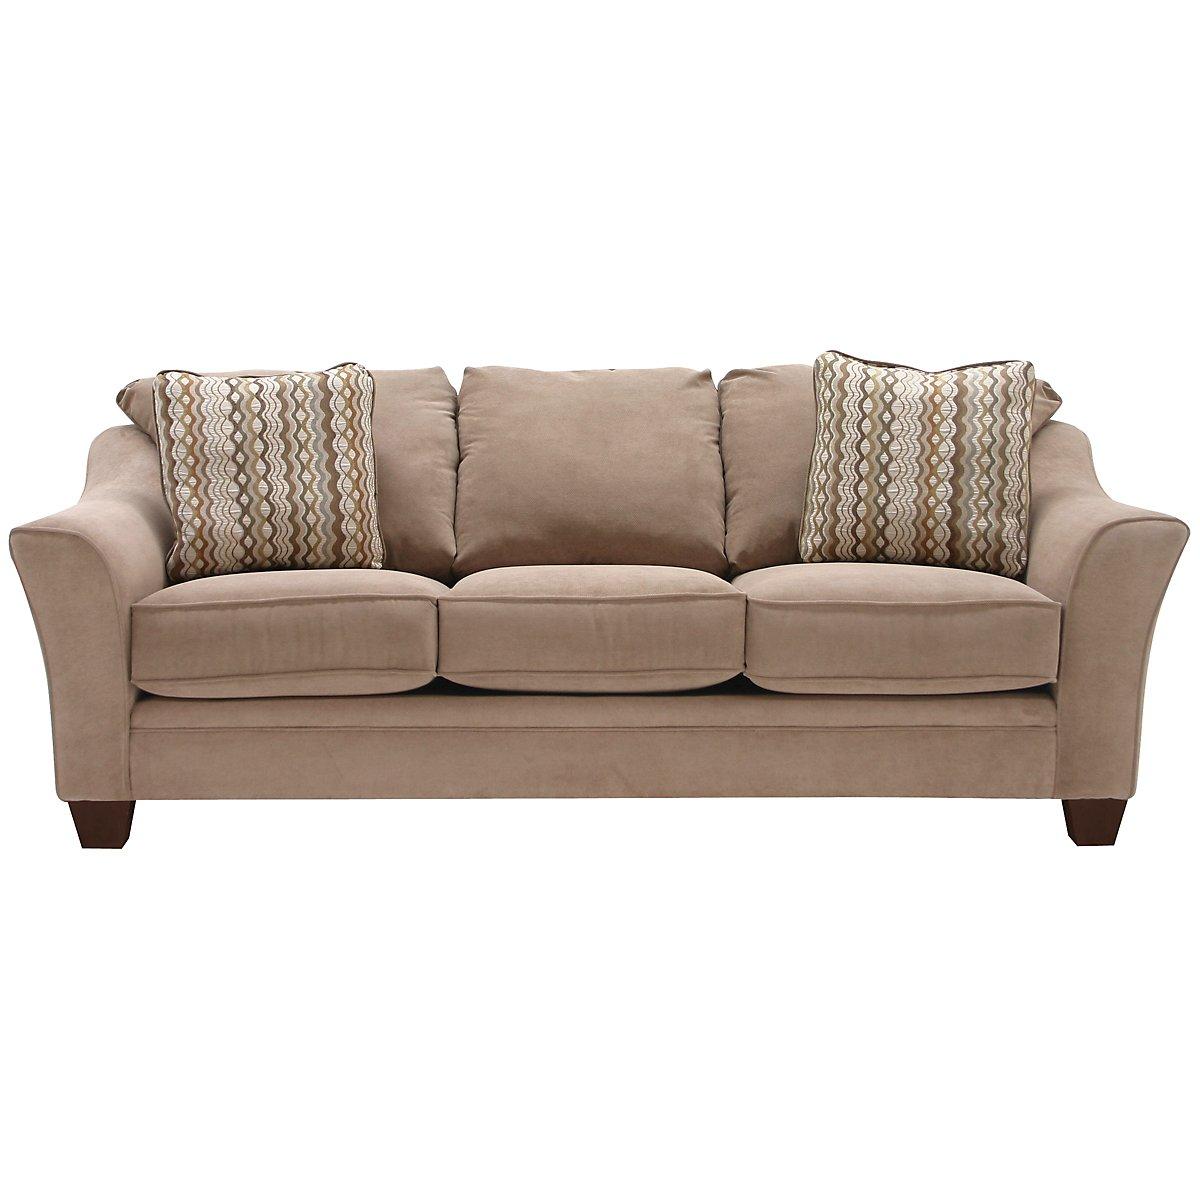 Grant2 Light Brown Microfiber Sofa